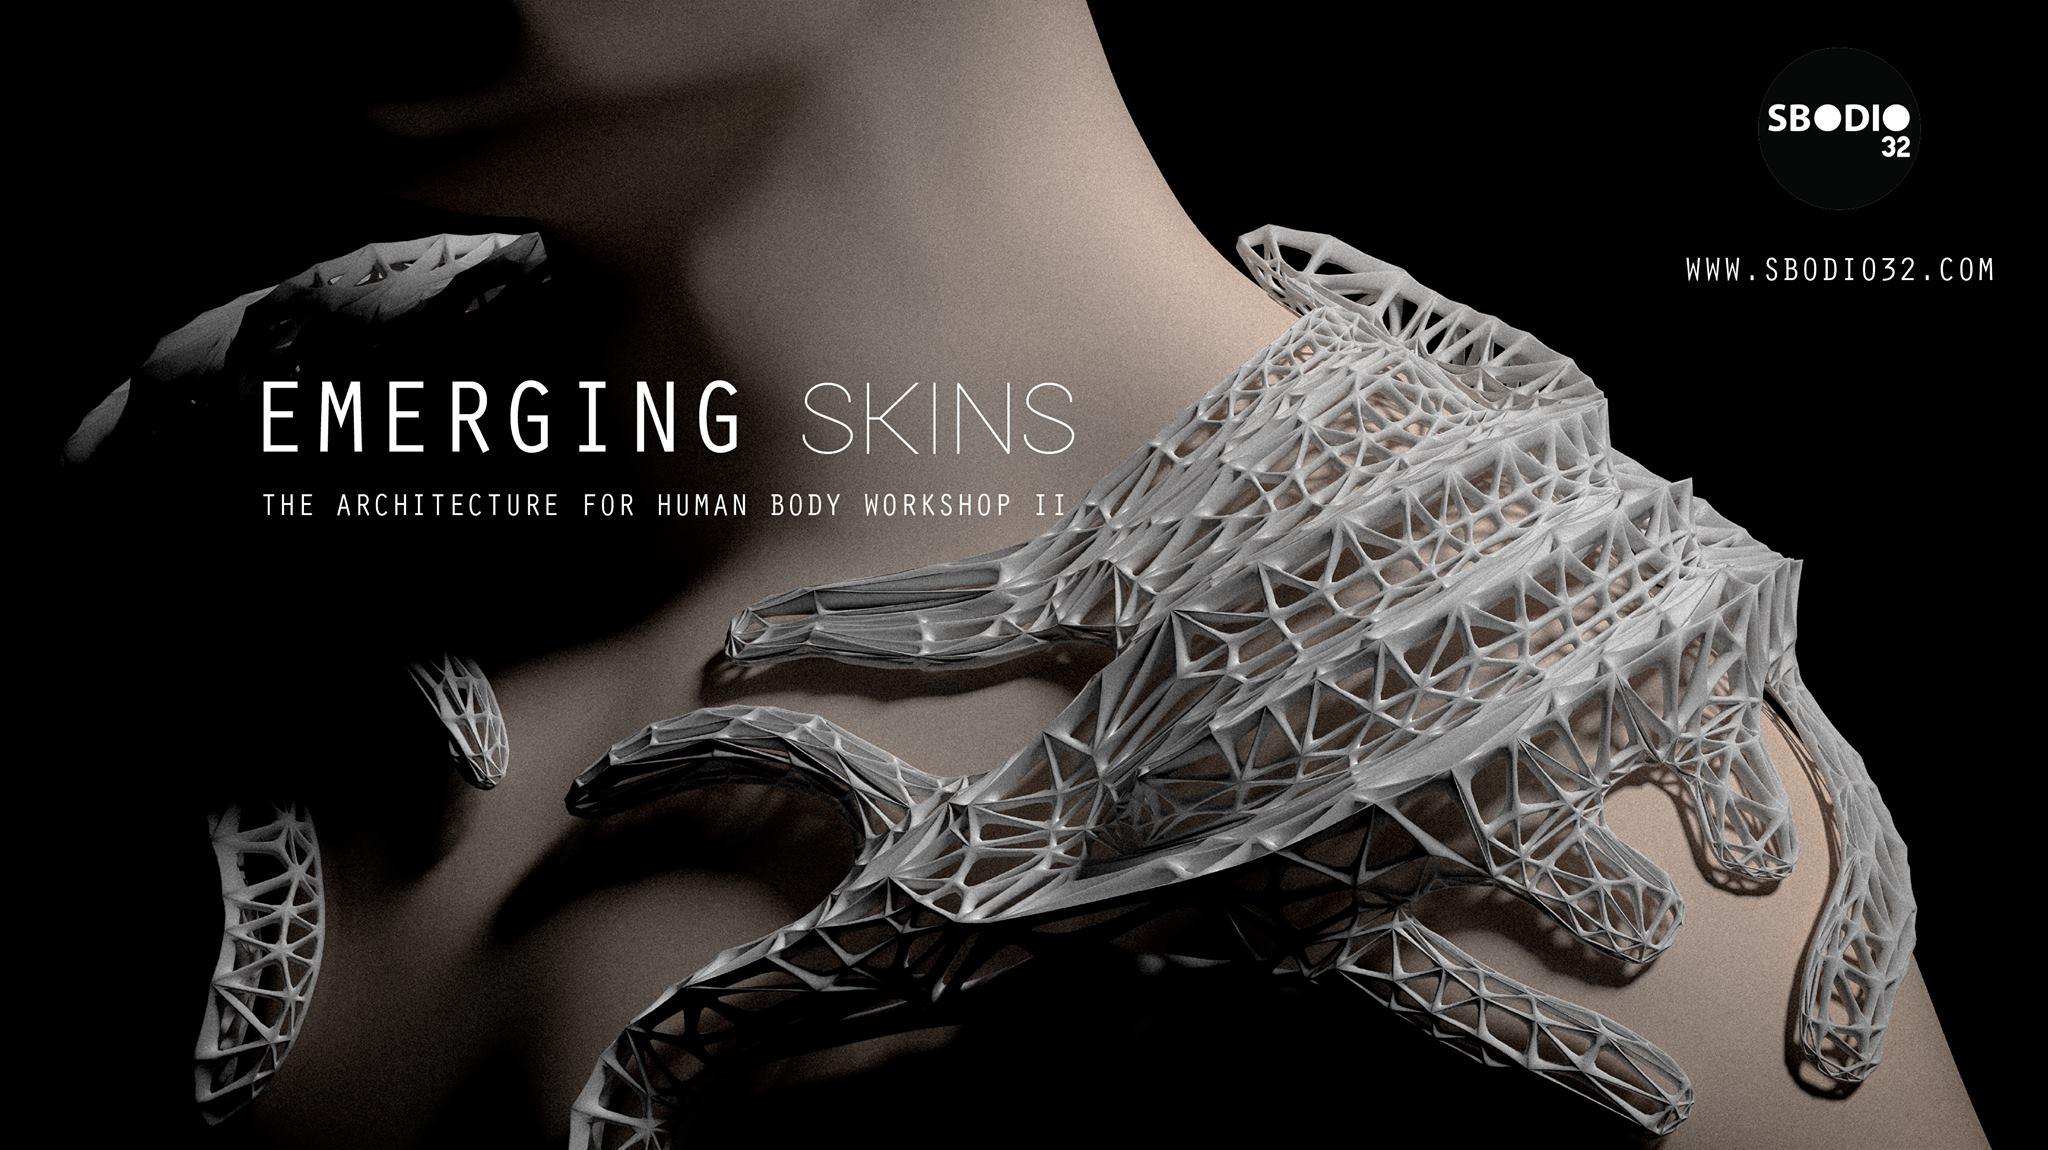 Emerging Skins, Creare Concept D'avanguardia Per Esporre Al Fuorisalone